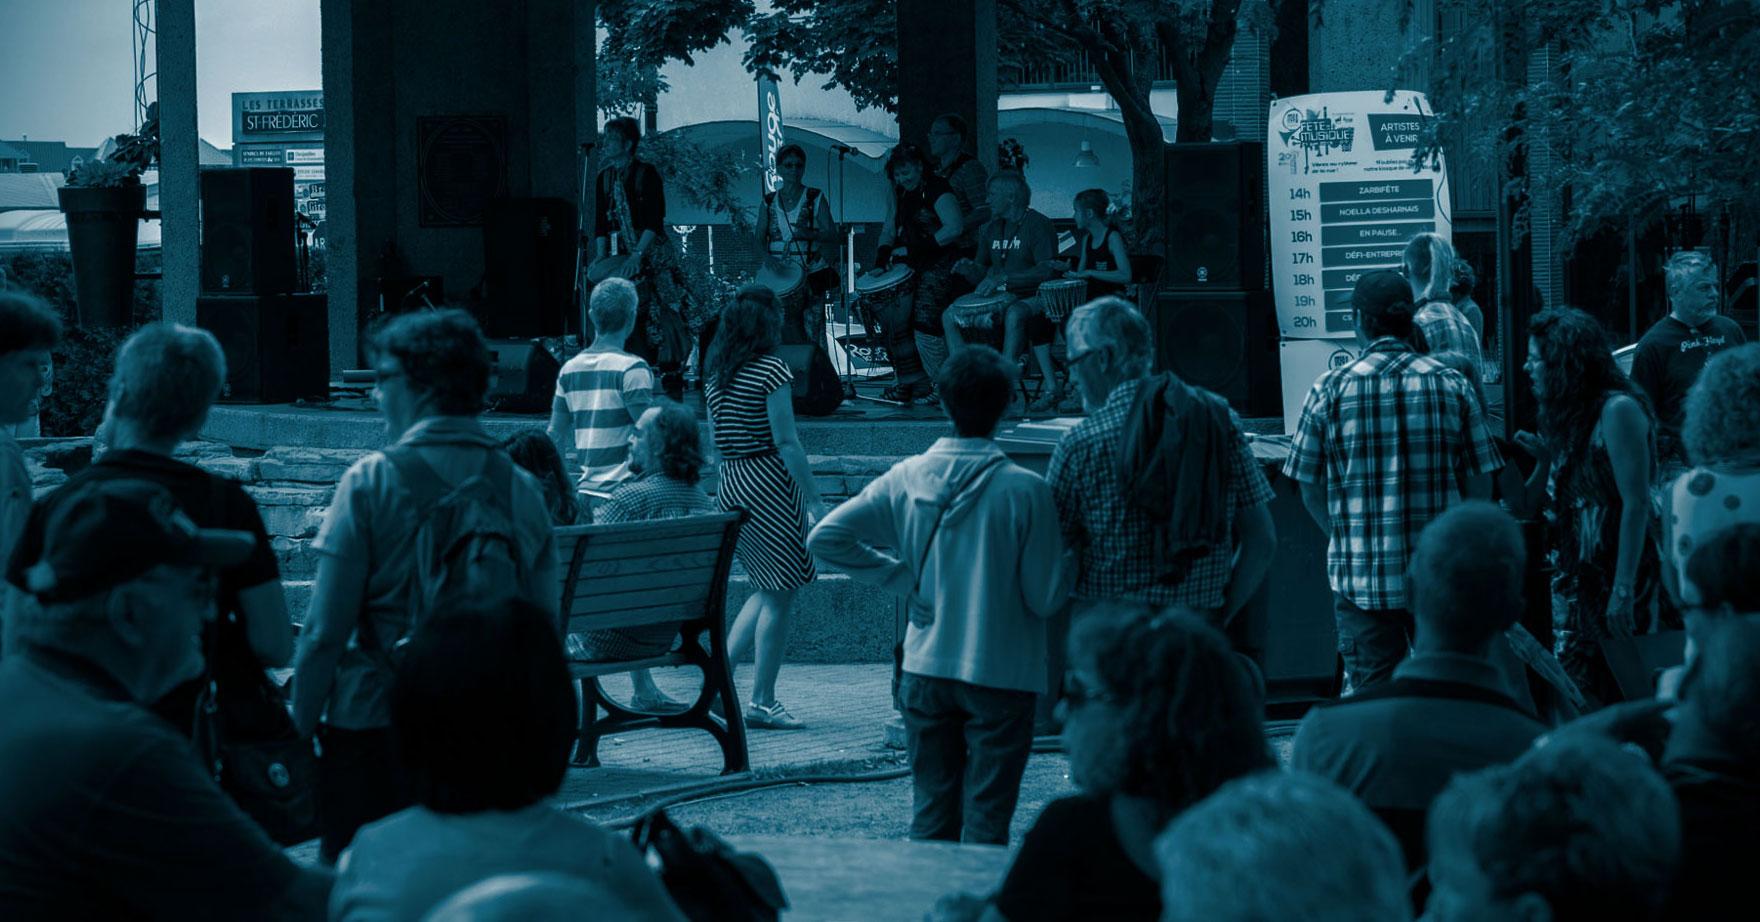 Les Grands Événments de Drummondville - La Fête de la musique